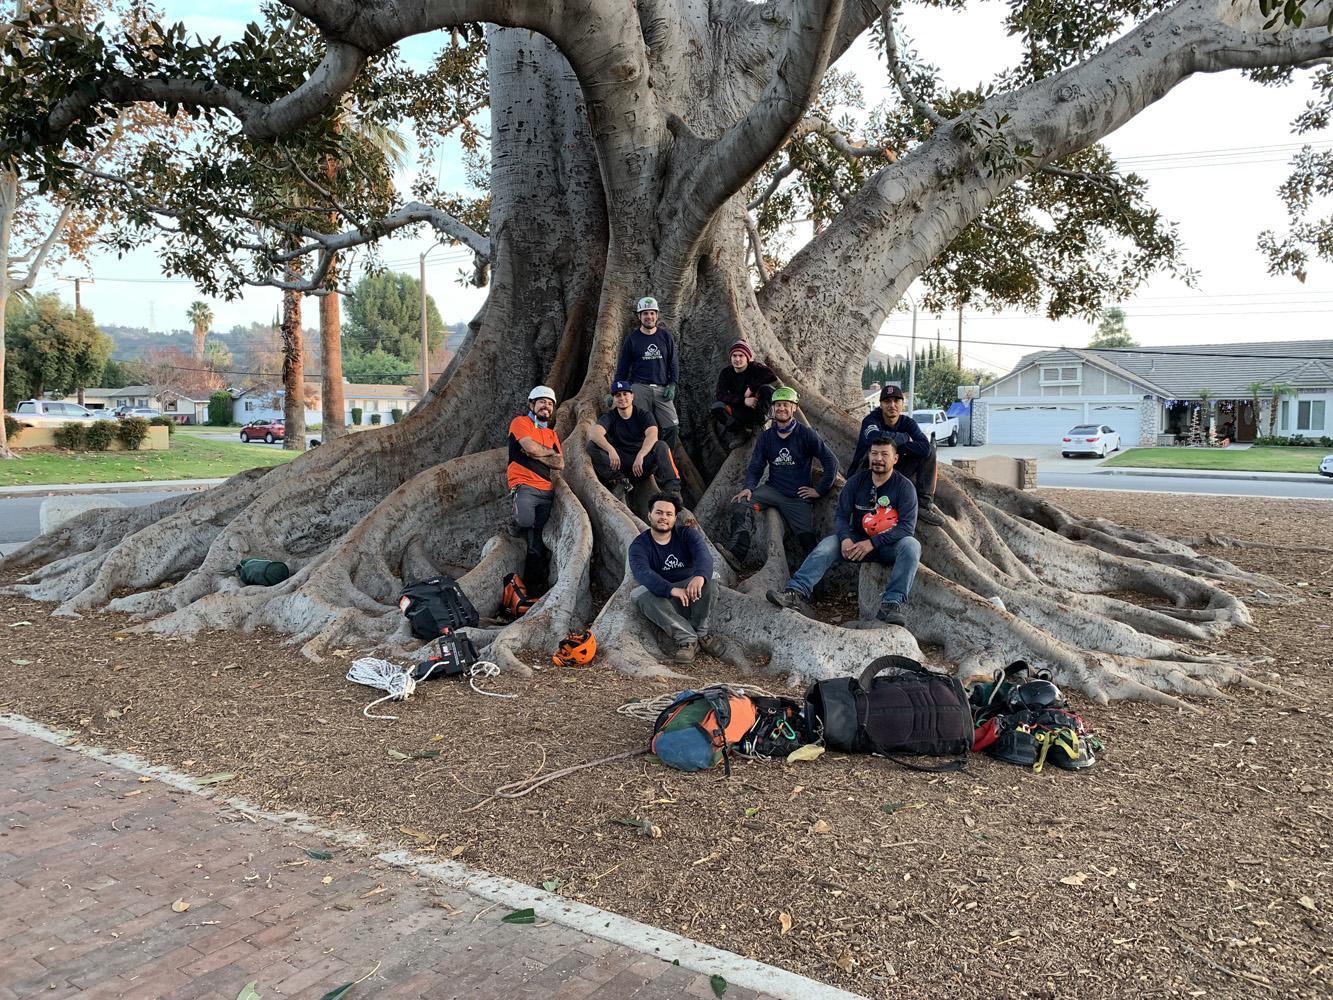 Arborists sitting on a tree